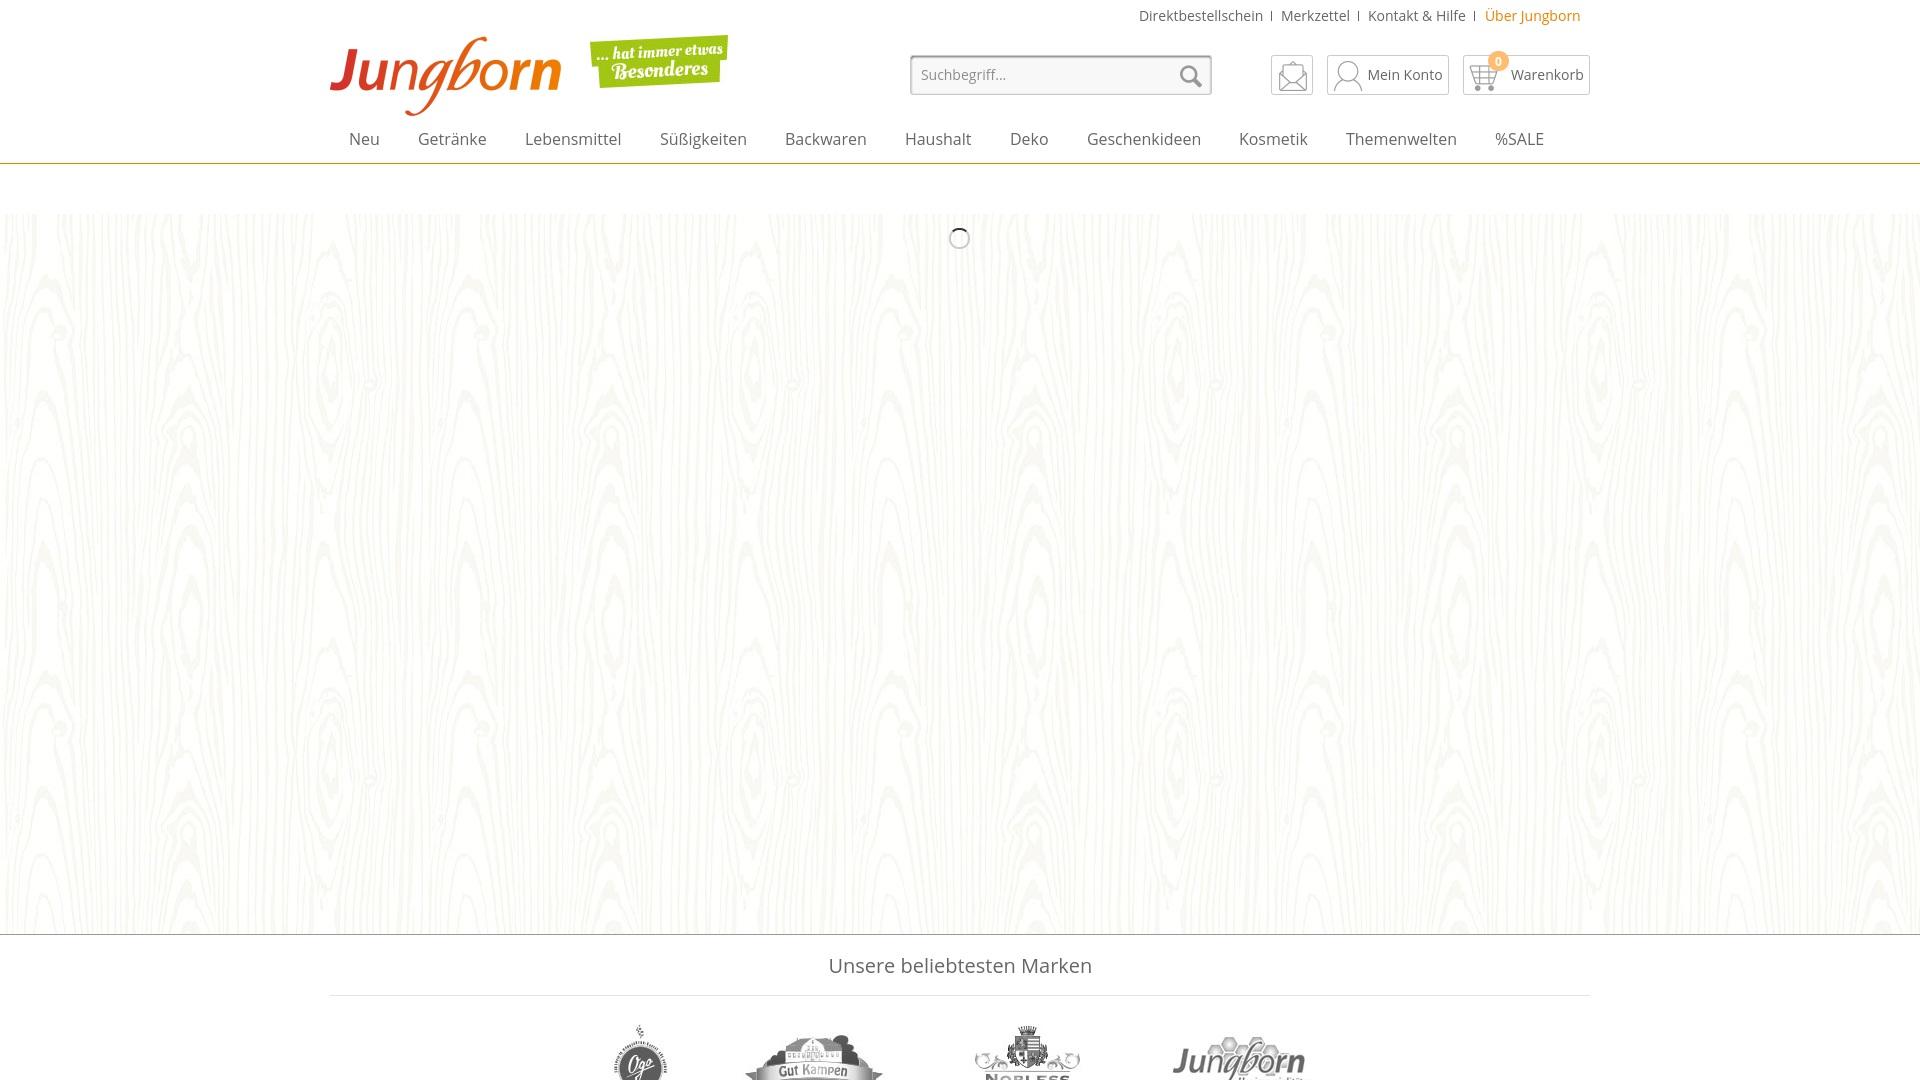 Geld zurück bei Jungborn: Jetzt im Oktober 2021 Cashback für Jungborn sichern